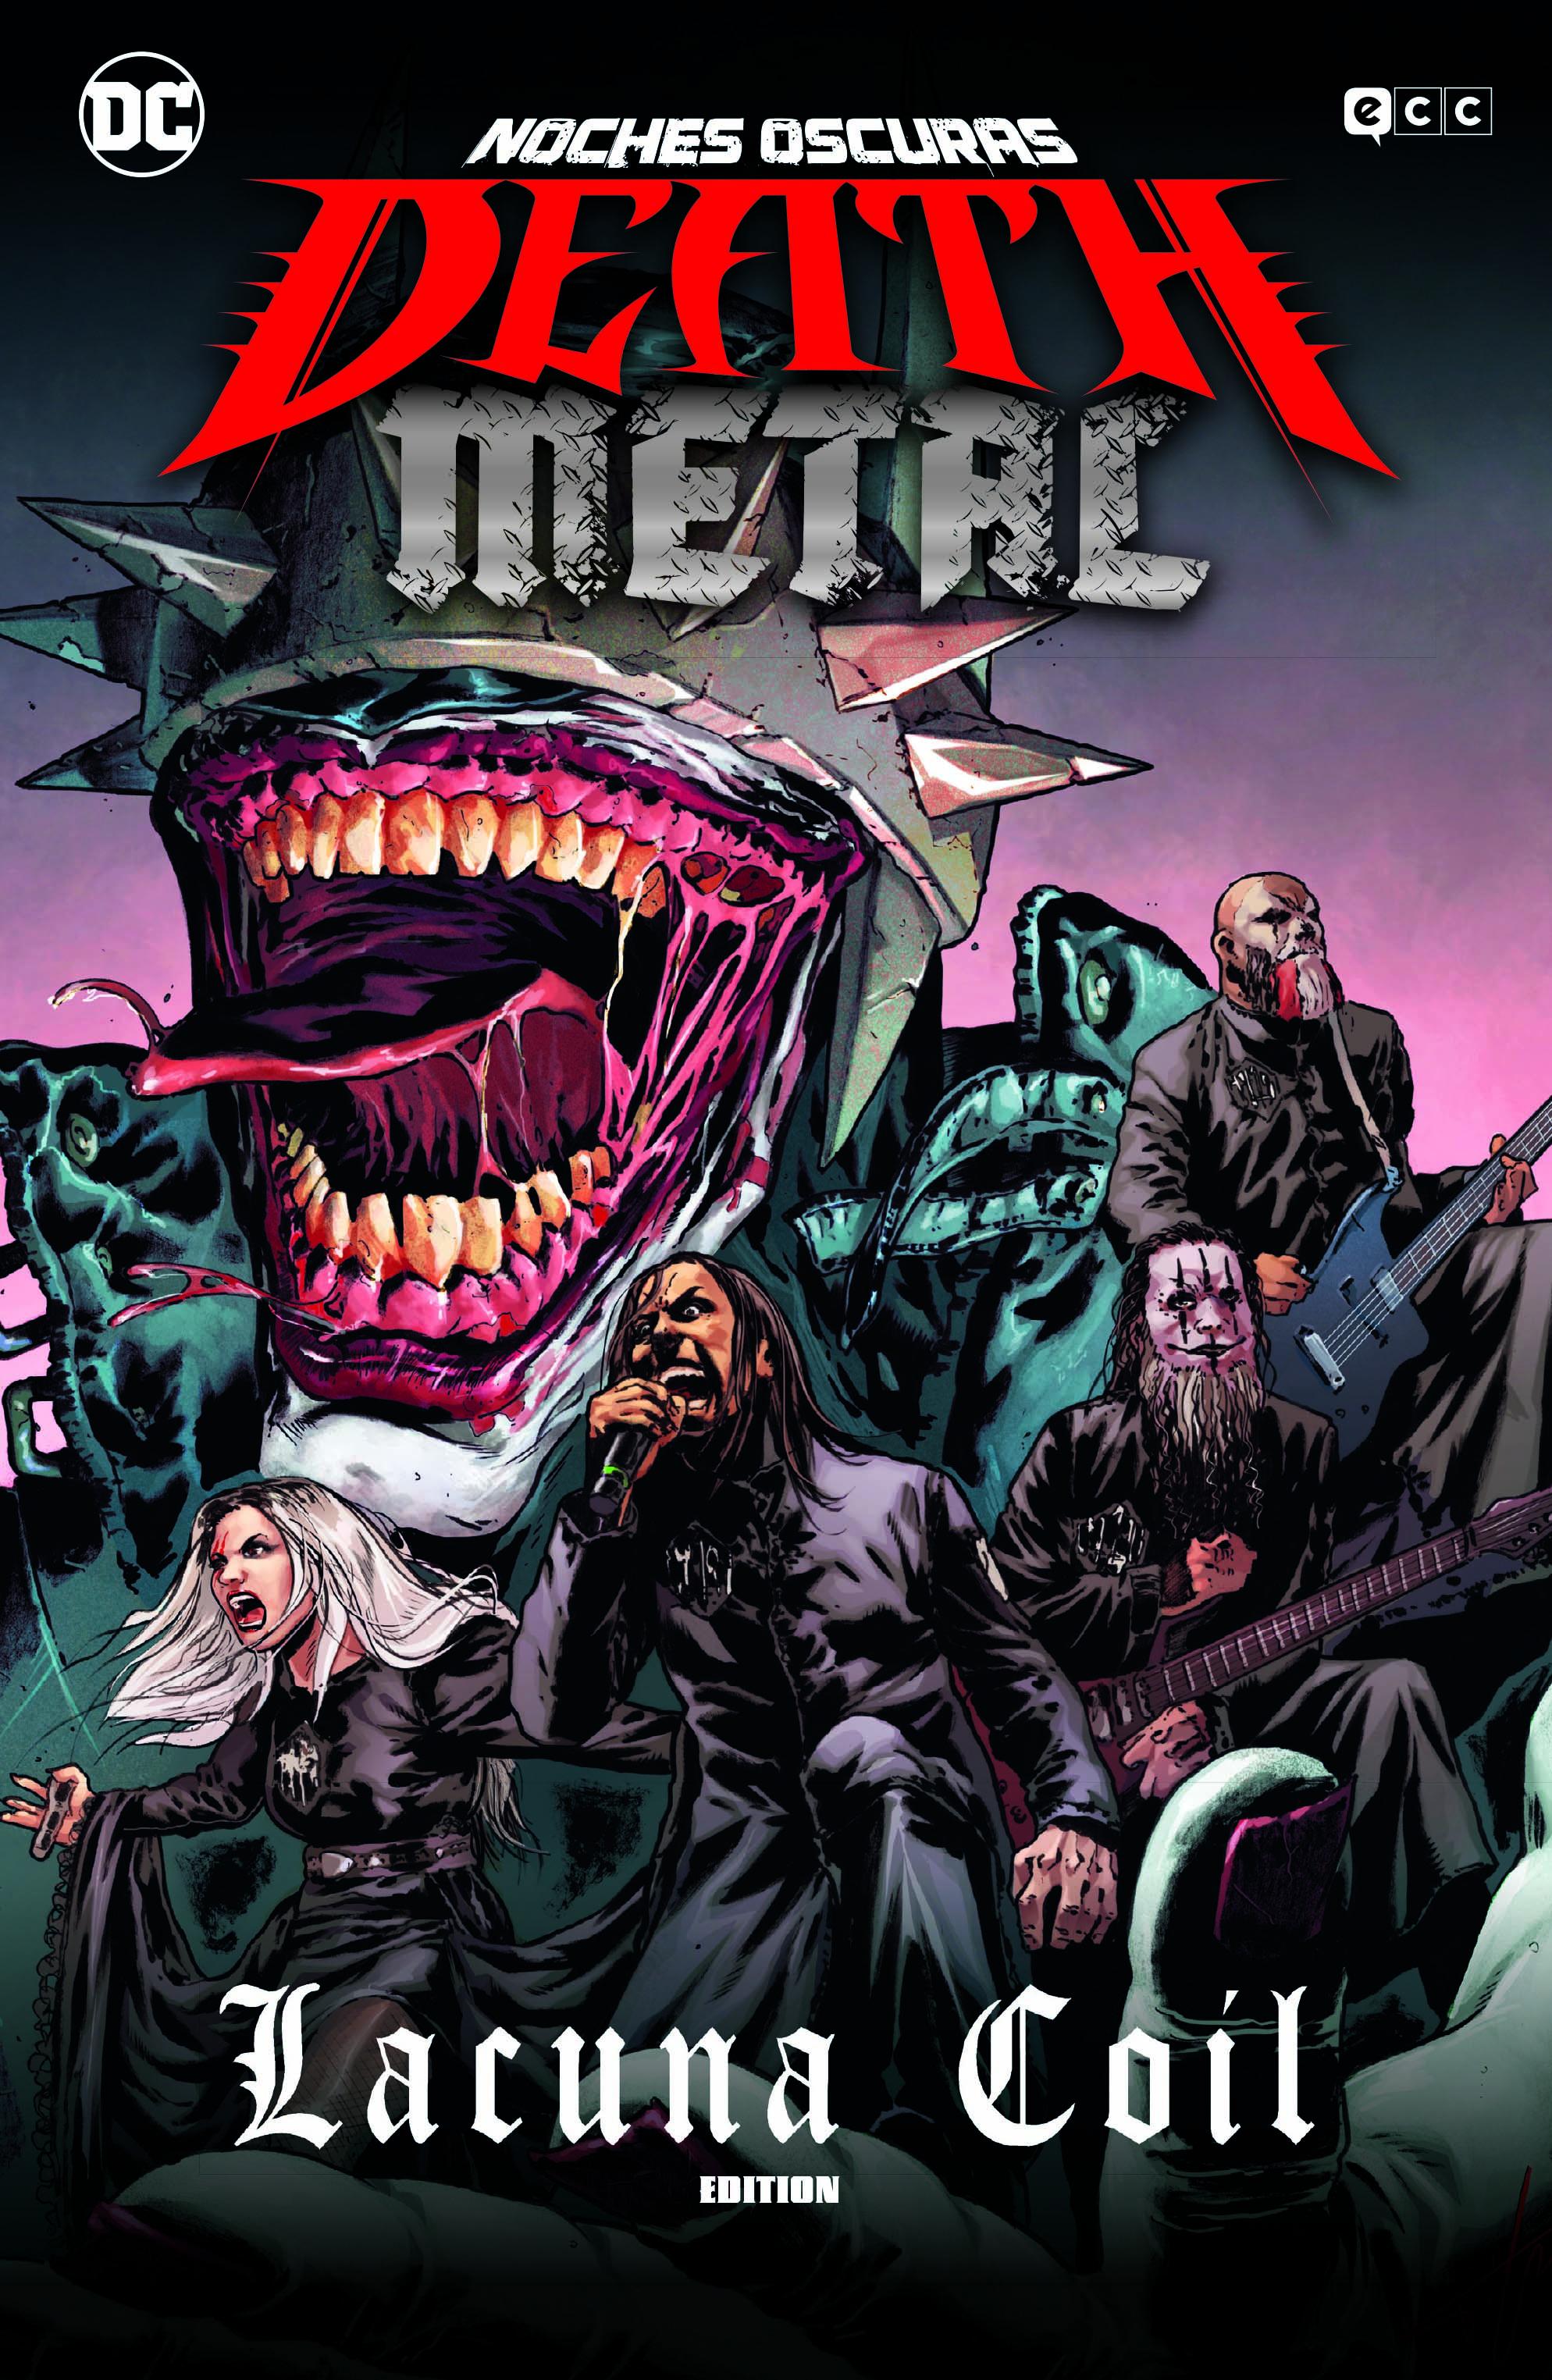 Noches Oscuras: Death Metal #3 de 7 (Lacuna Coil Band Edition) (Cartoné)